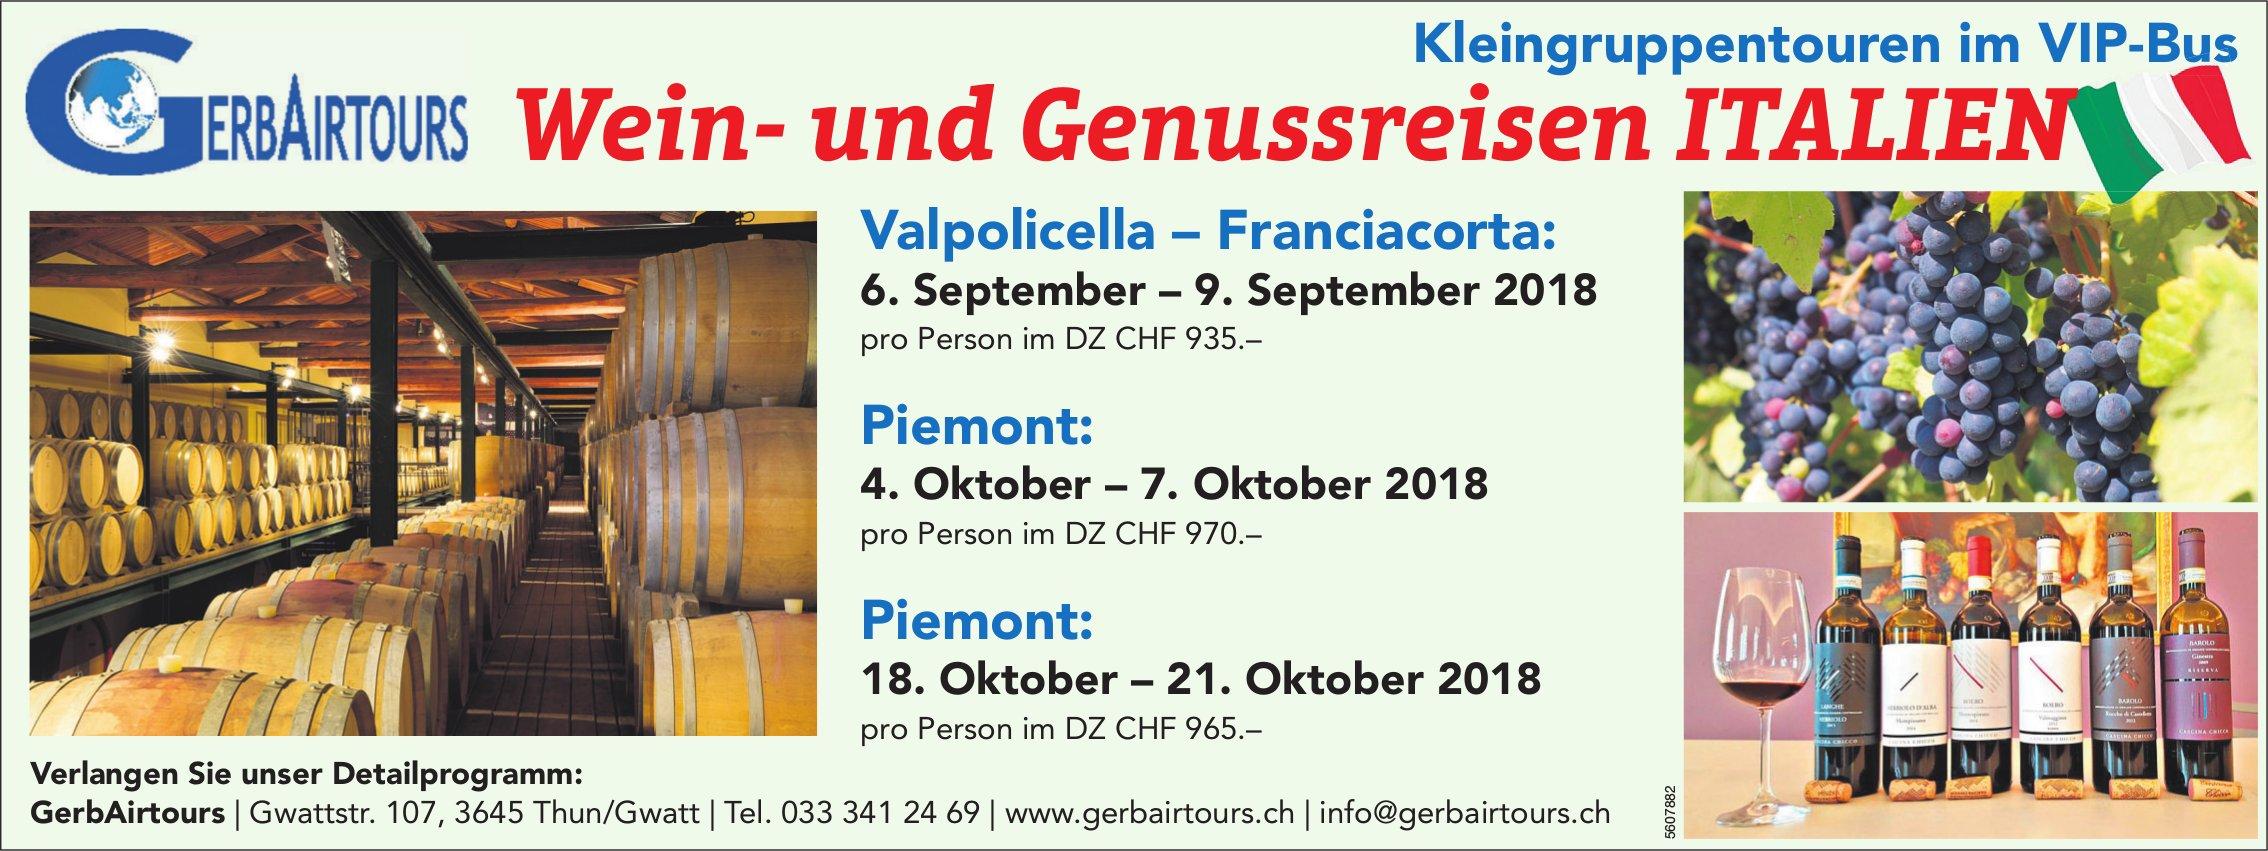 GerbAirtours, Thun/Gwatt - Wein- und Genussreisen ITALIEN